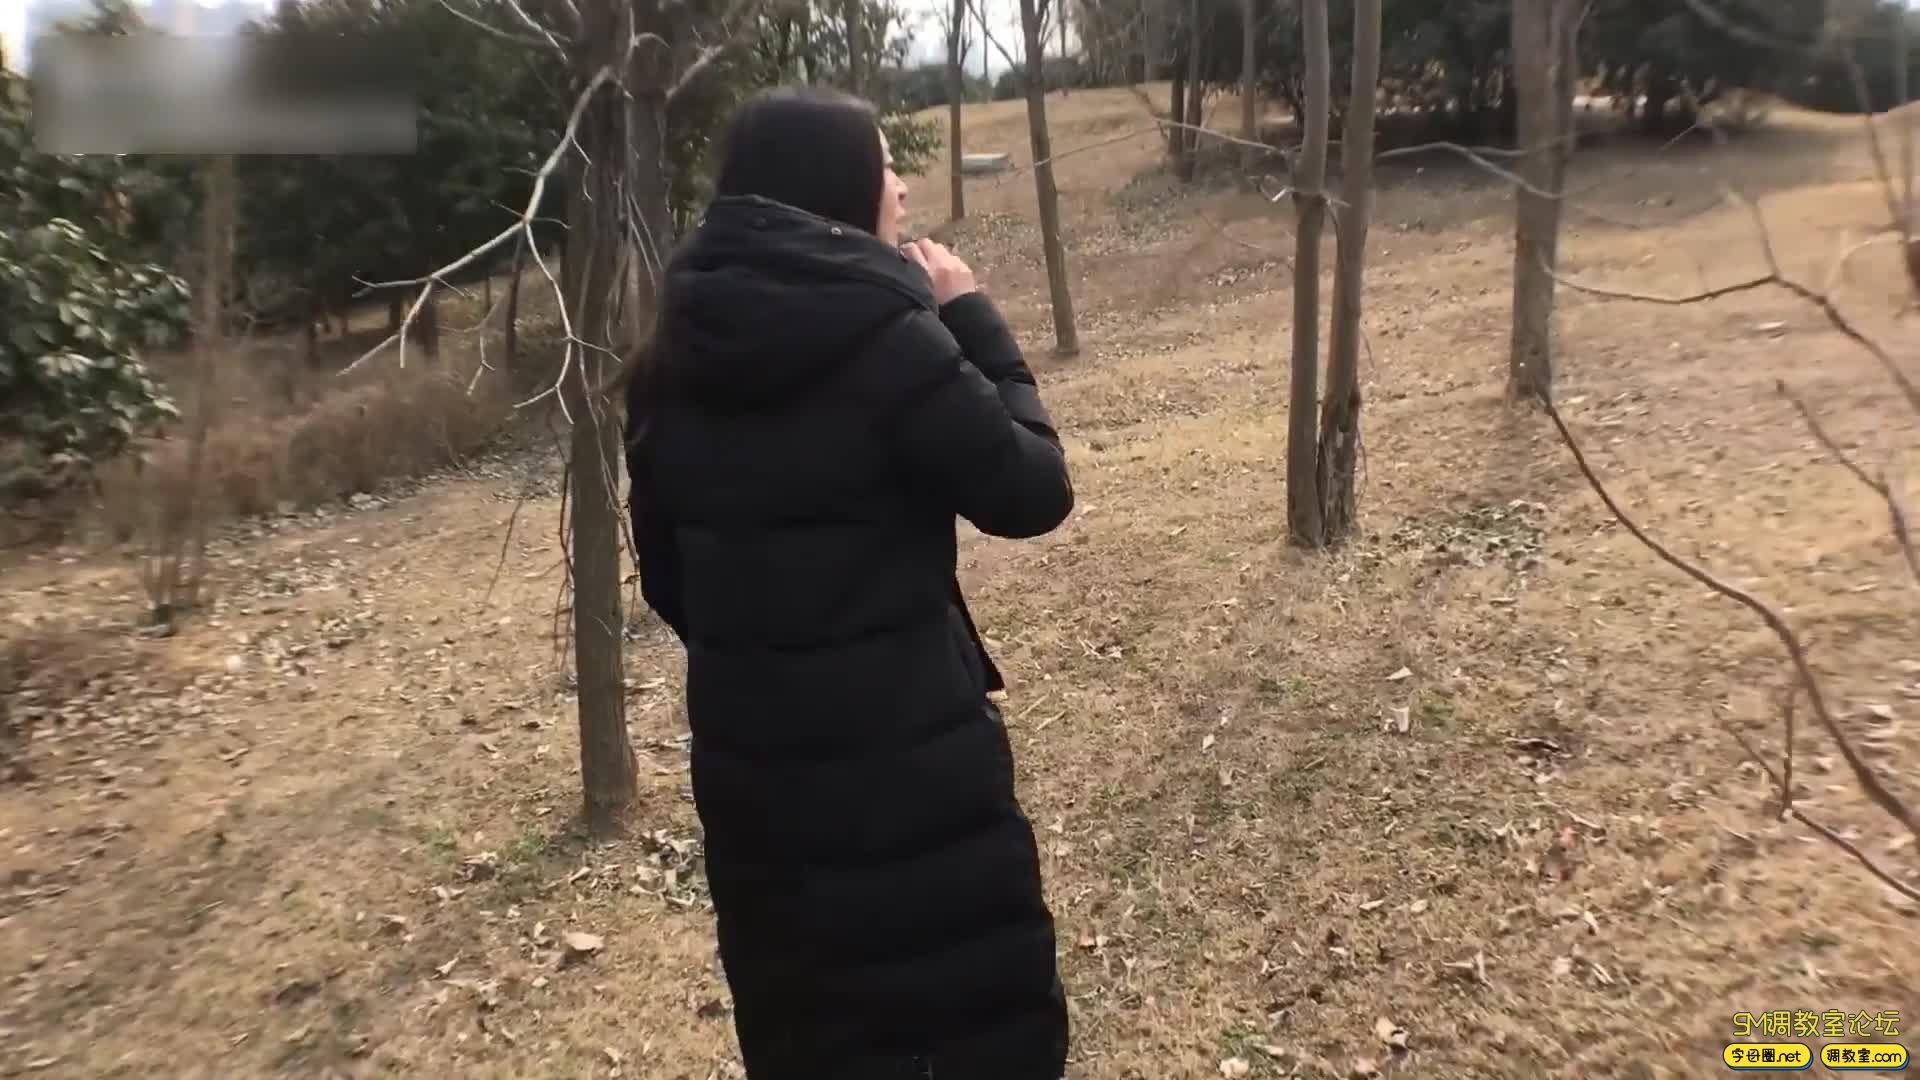 虐恋天使_培培 全程户外,挑战极限-车内捆绑 公园 建筑工地吊绑-视频截图6